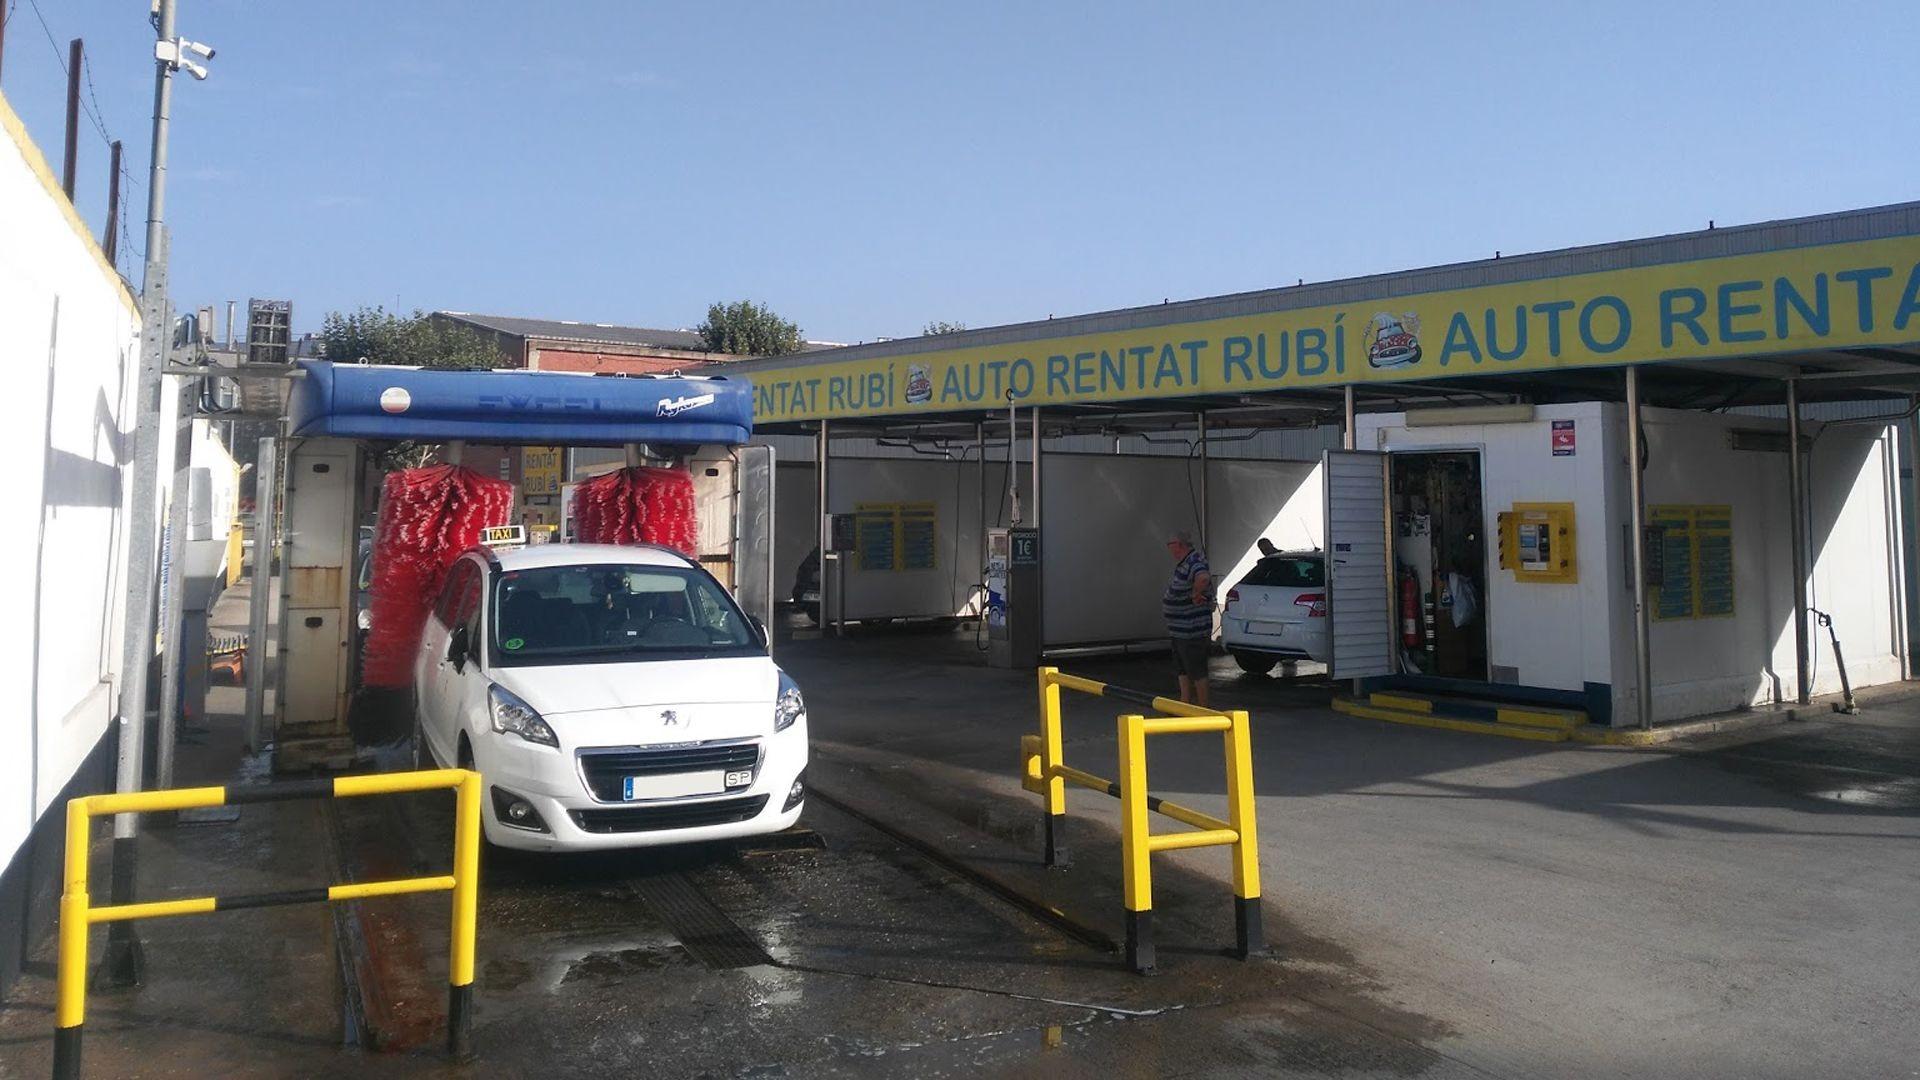 Autorentat Rubí